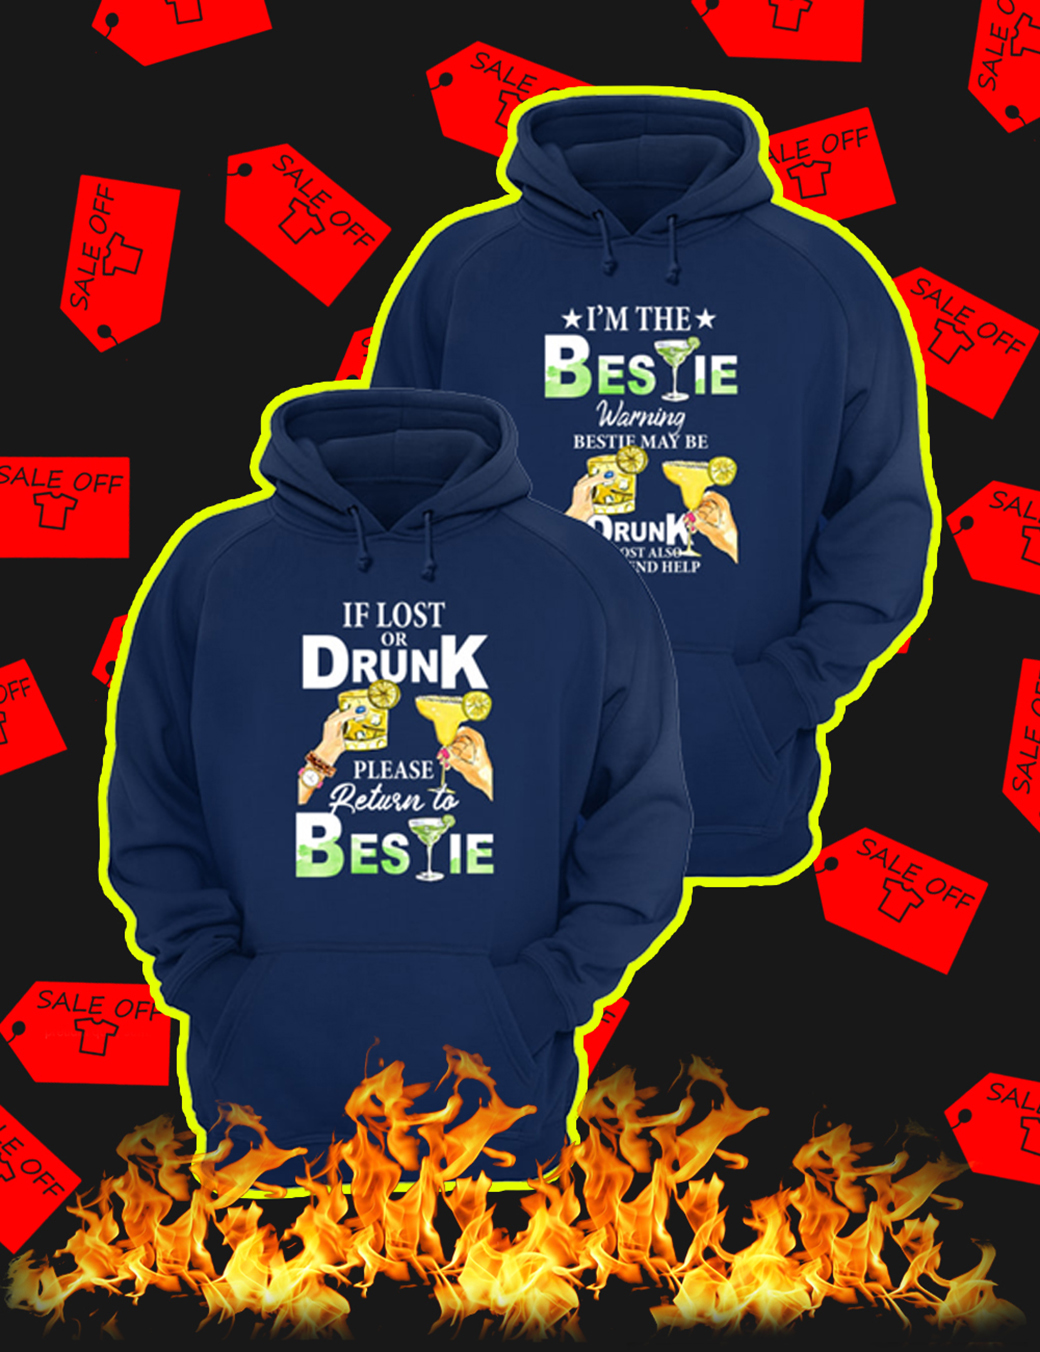 If Lost Or Drunk Please Return To Bestie – I'm The Bestie Warning Bestie May Be Drunk Navy Hoodie